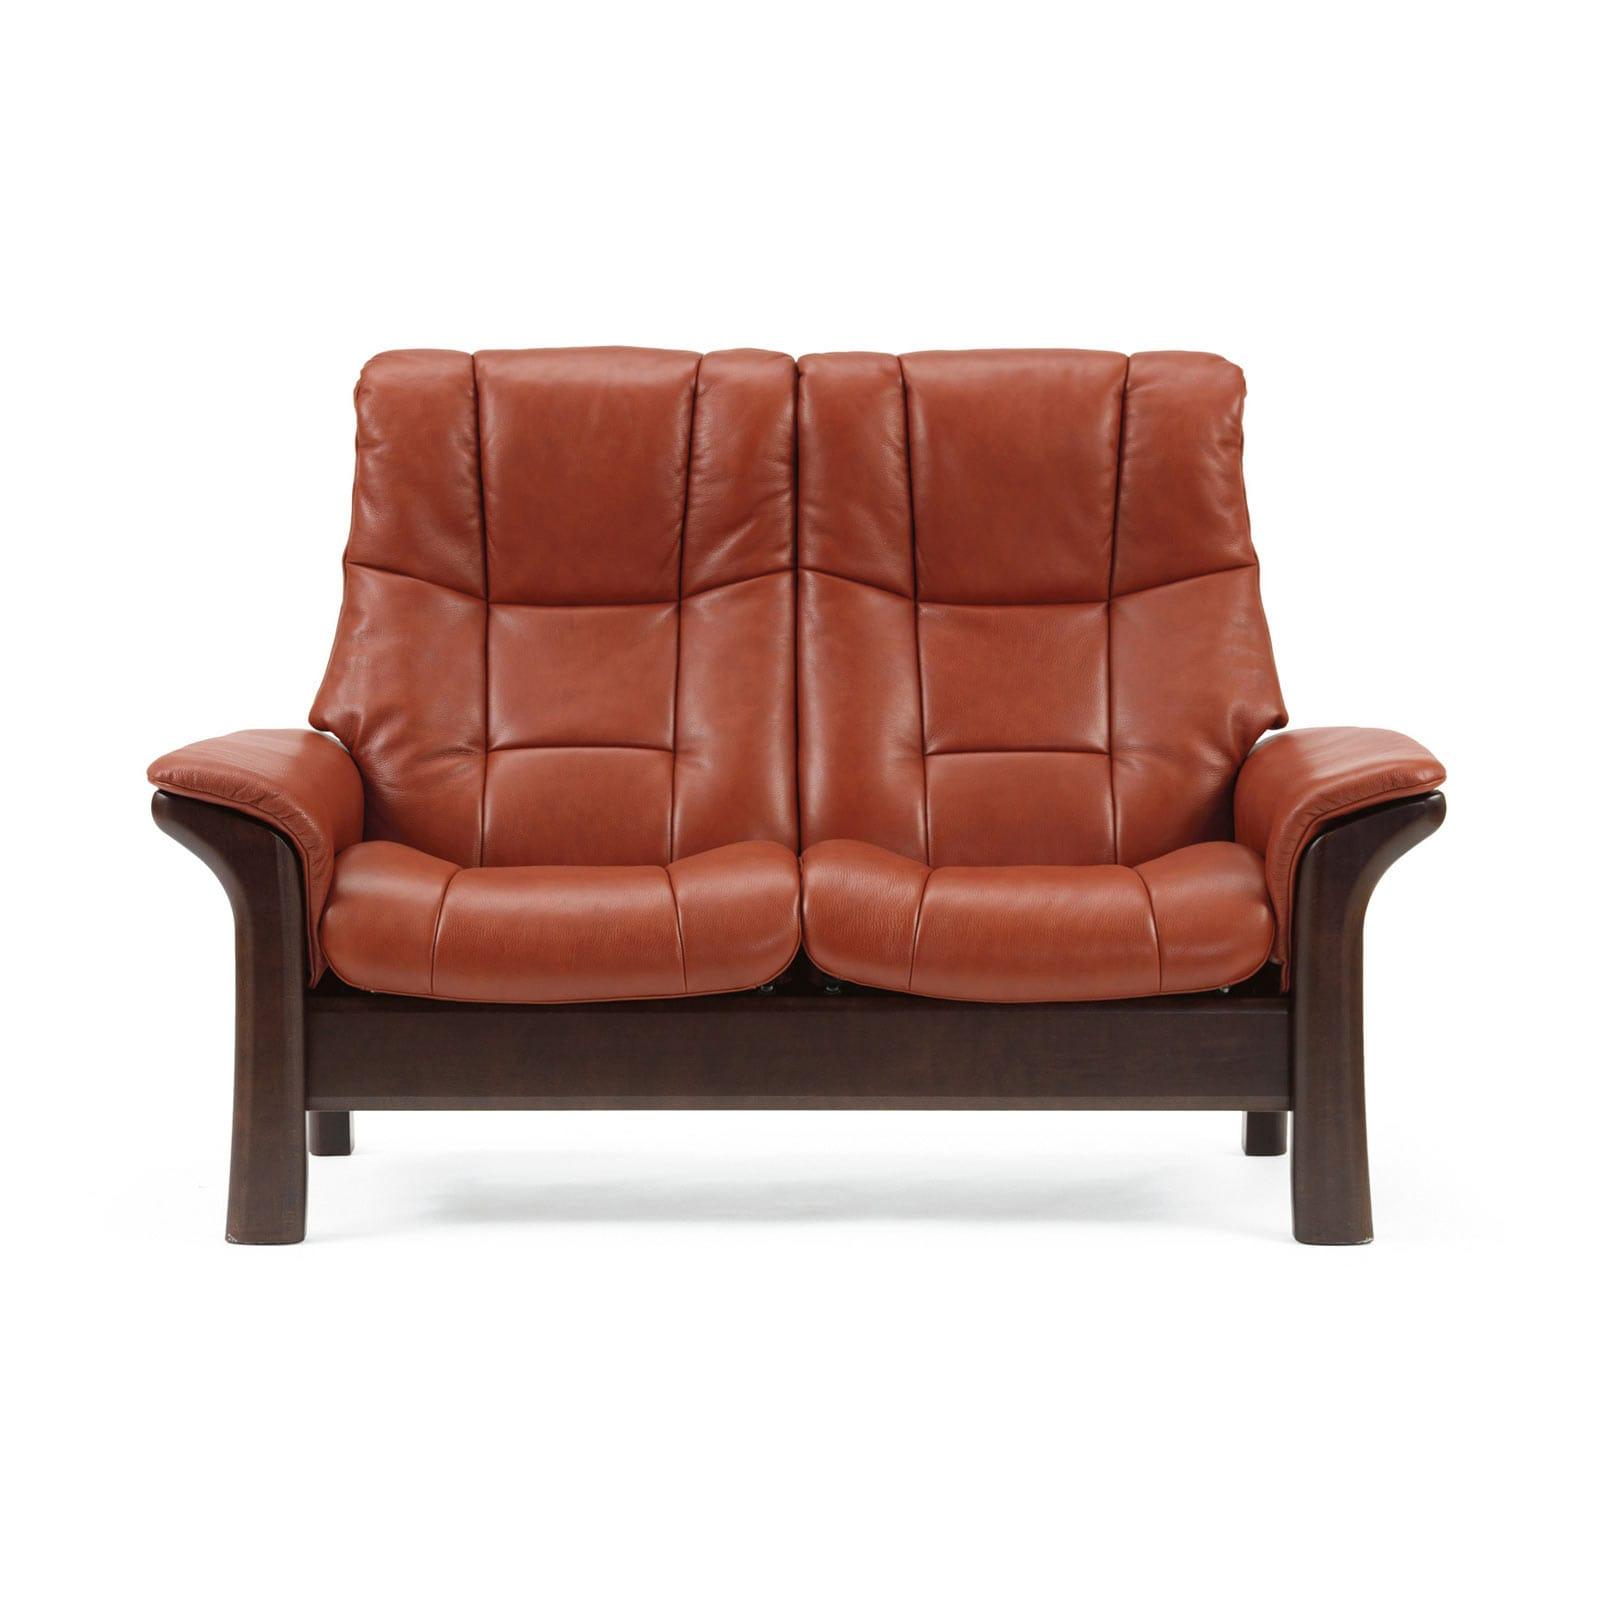 Full Size of 2er Sofa Stressless Windsor M 2 Sitzer Hoch In Leder Paloma Copper Graues Dauerschläfer Grün Koinor Mit Holzfüßen Englisch Big Xxl Bettkasten Federkern Sofa 2er Sofa